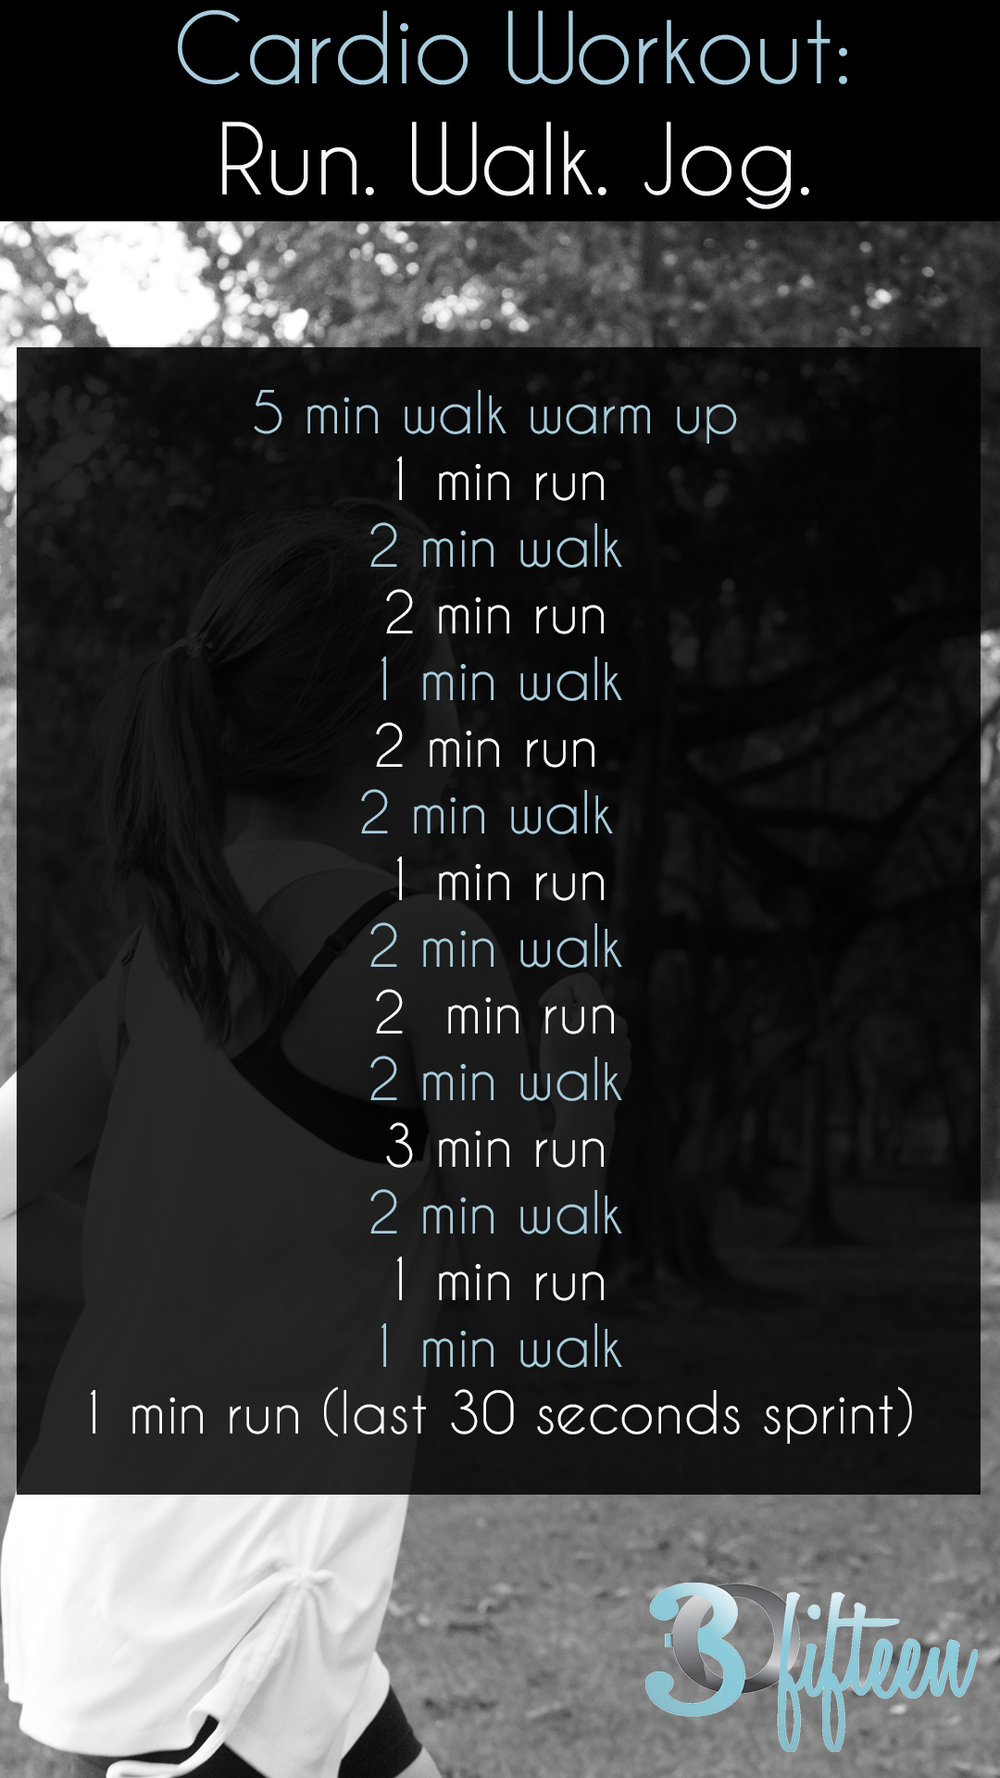 Run Walk Jog cardio workout